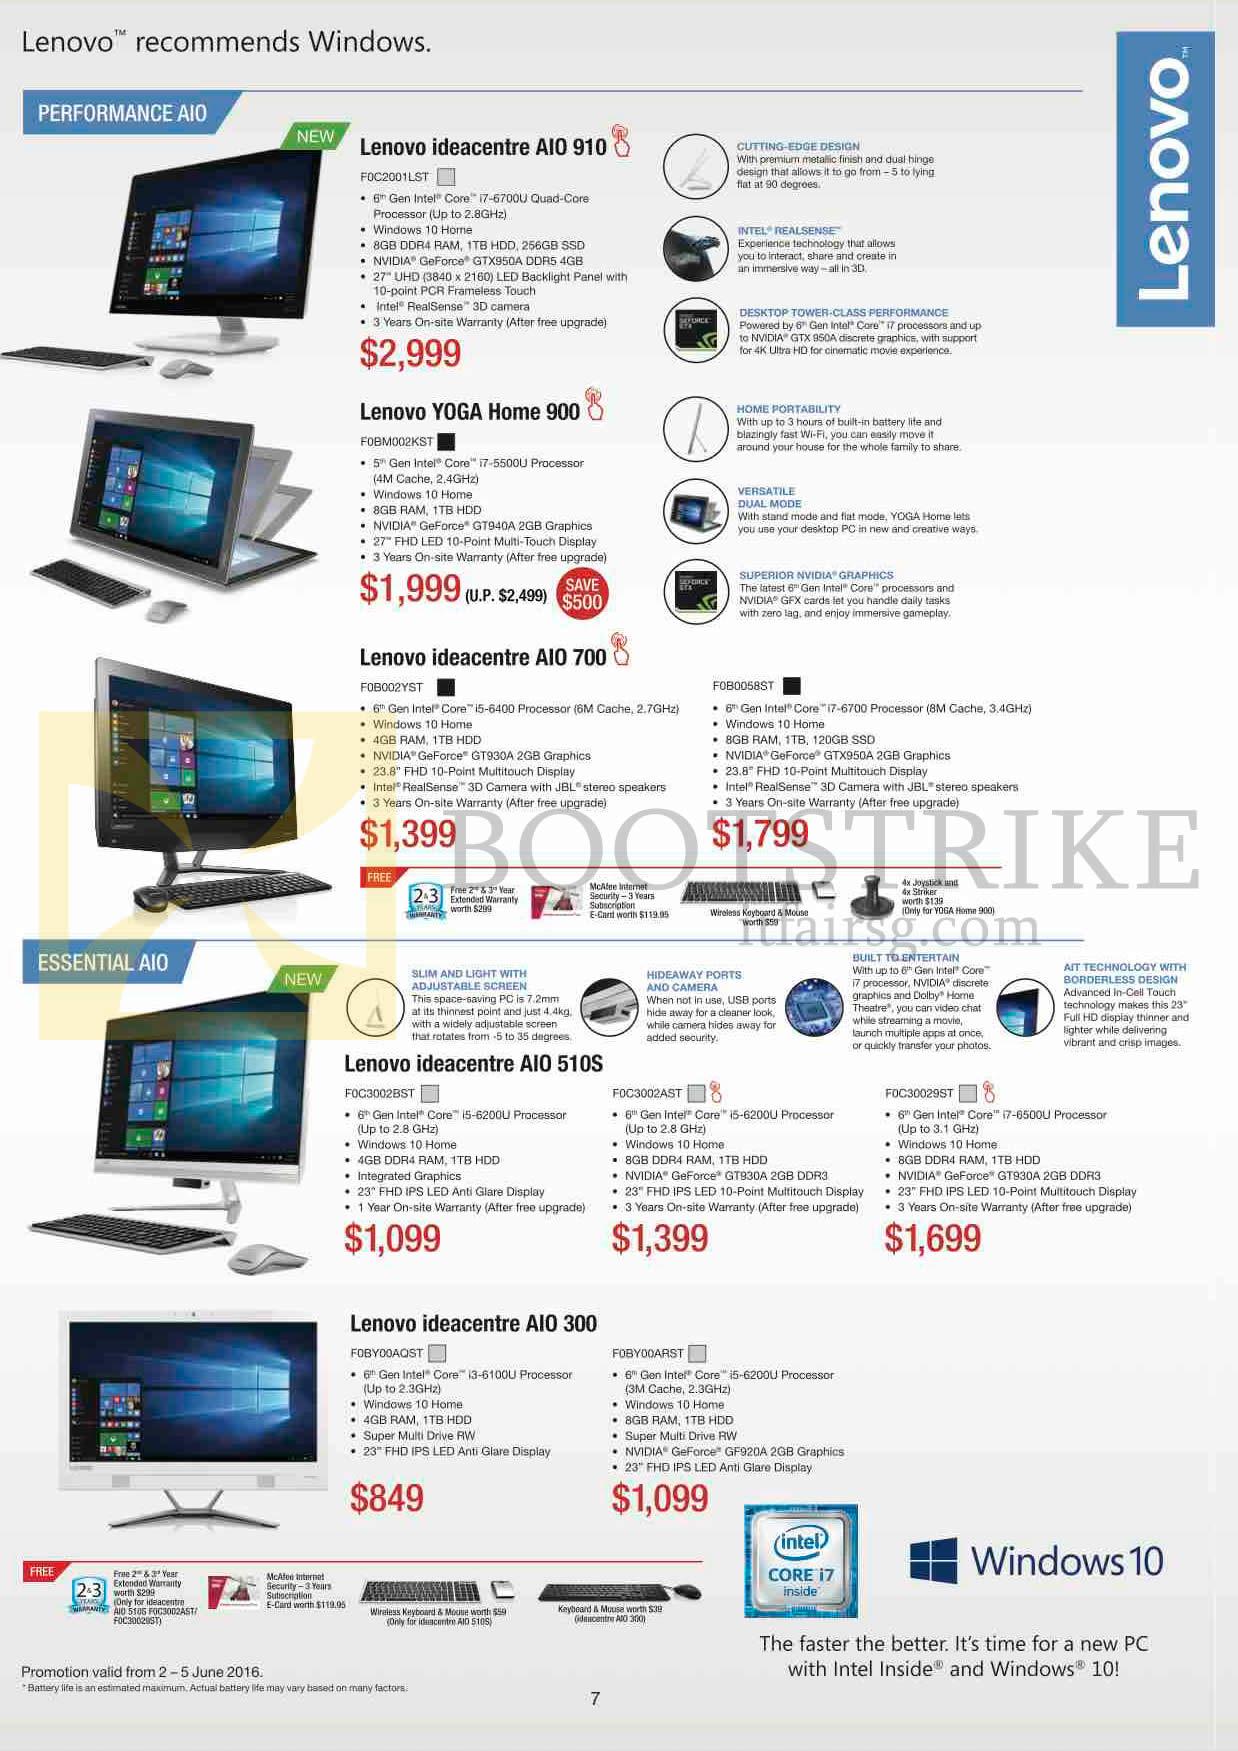 PC SHOW 2016 price list image brochure of Lenovo Desktop PC AIO Ideacentre AIO 910, Yoga Home 900, AIO 700, AIO 510S, AIO 300